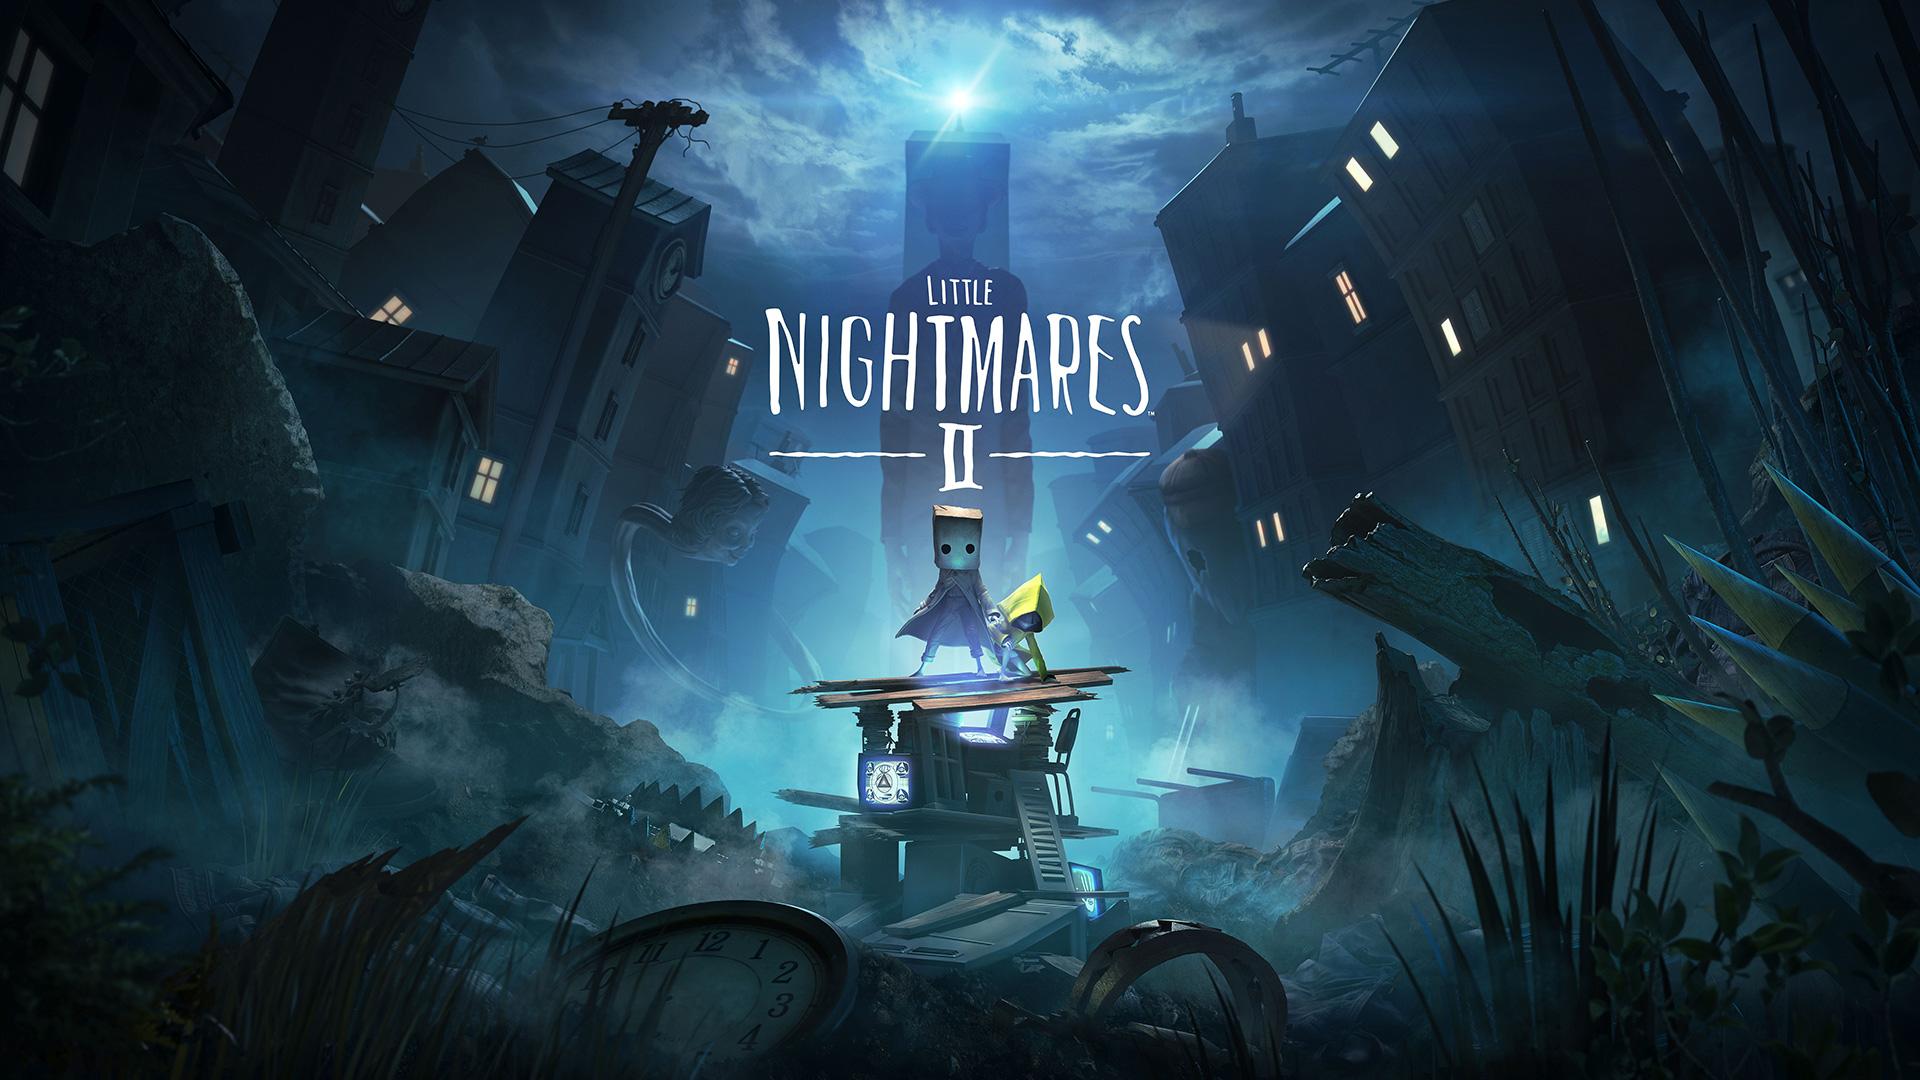 نقد و بررسی بازی Little Nightmares II